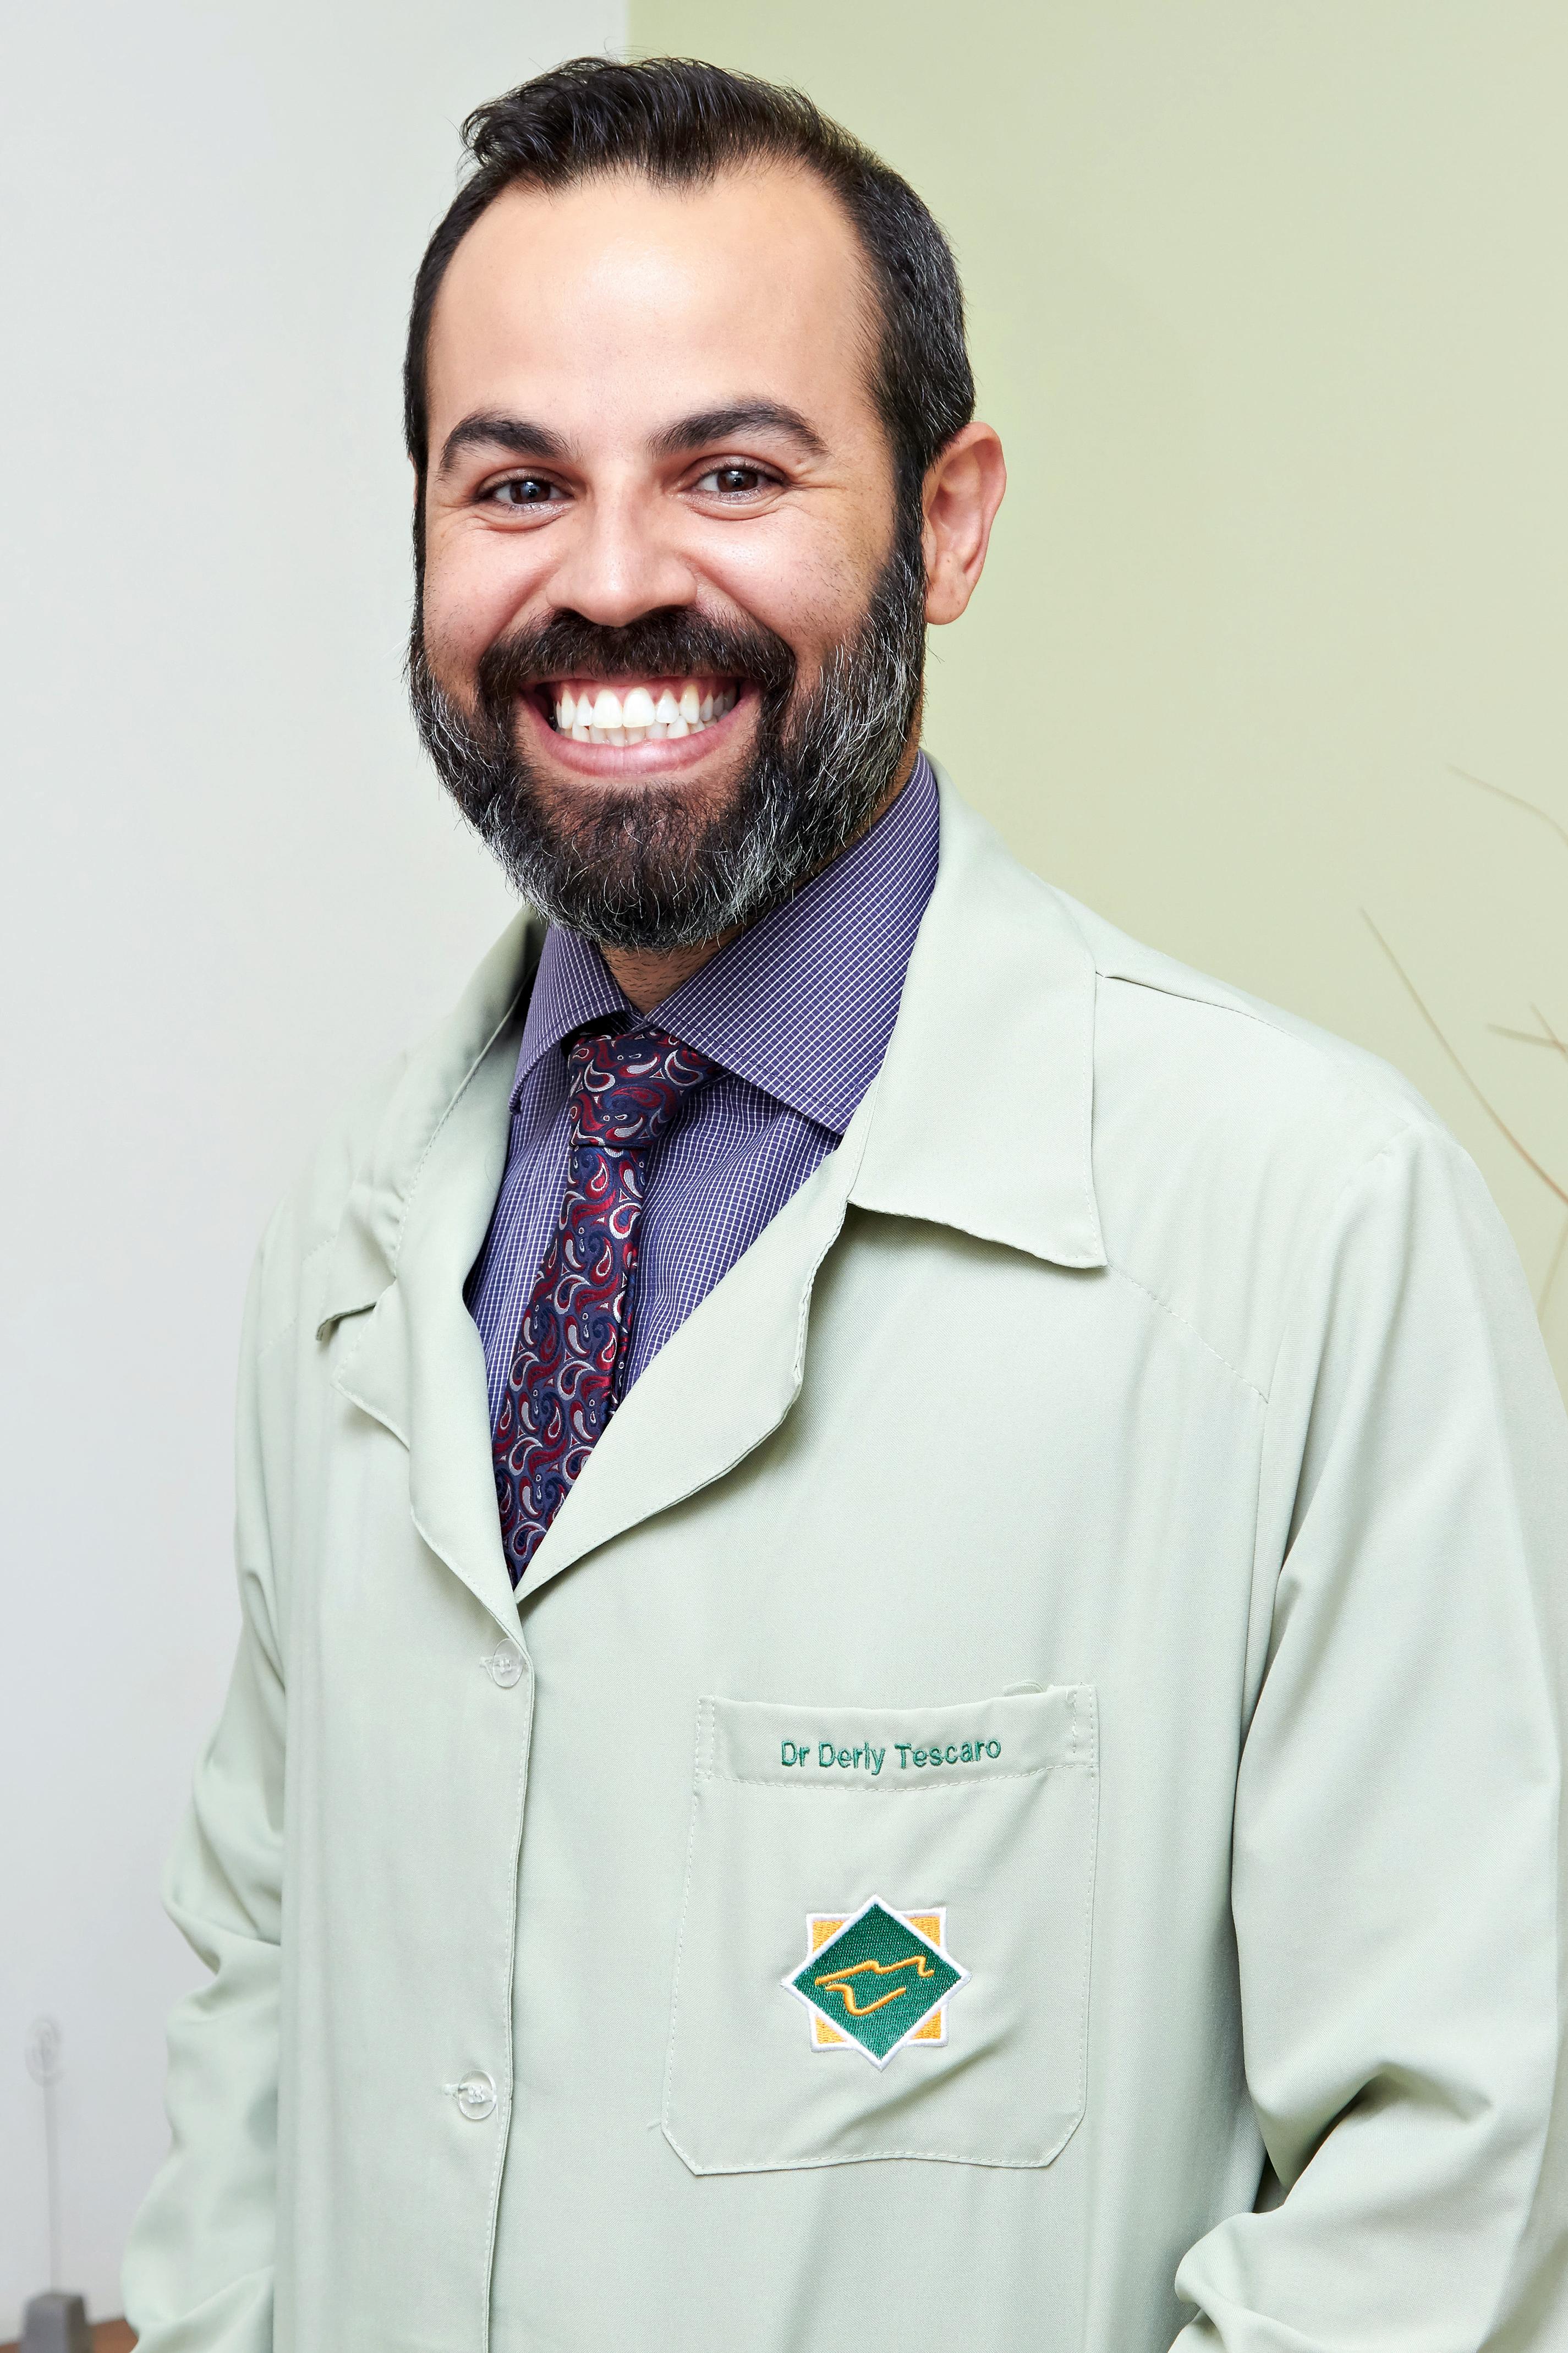 Dr. Derly Tescaro